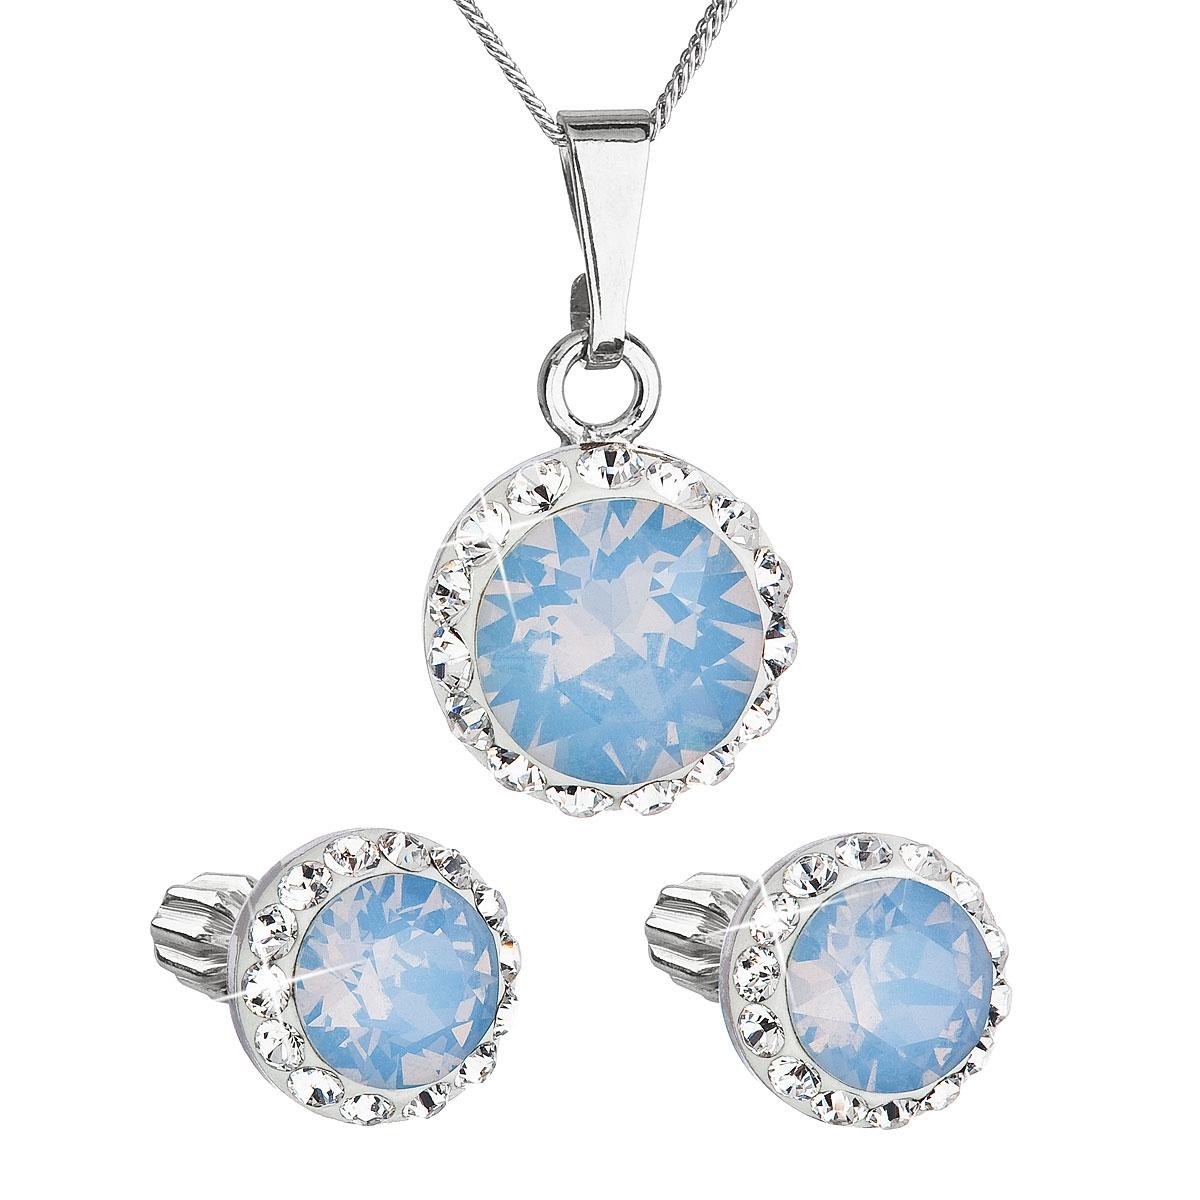 Sada náušníc a prívesku s kamienkami Crystals from Swarovski ® Blue Opal